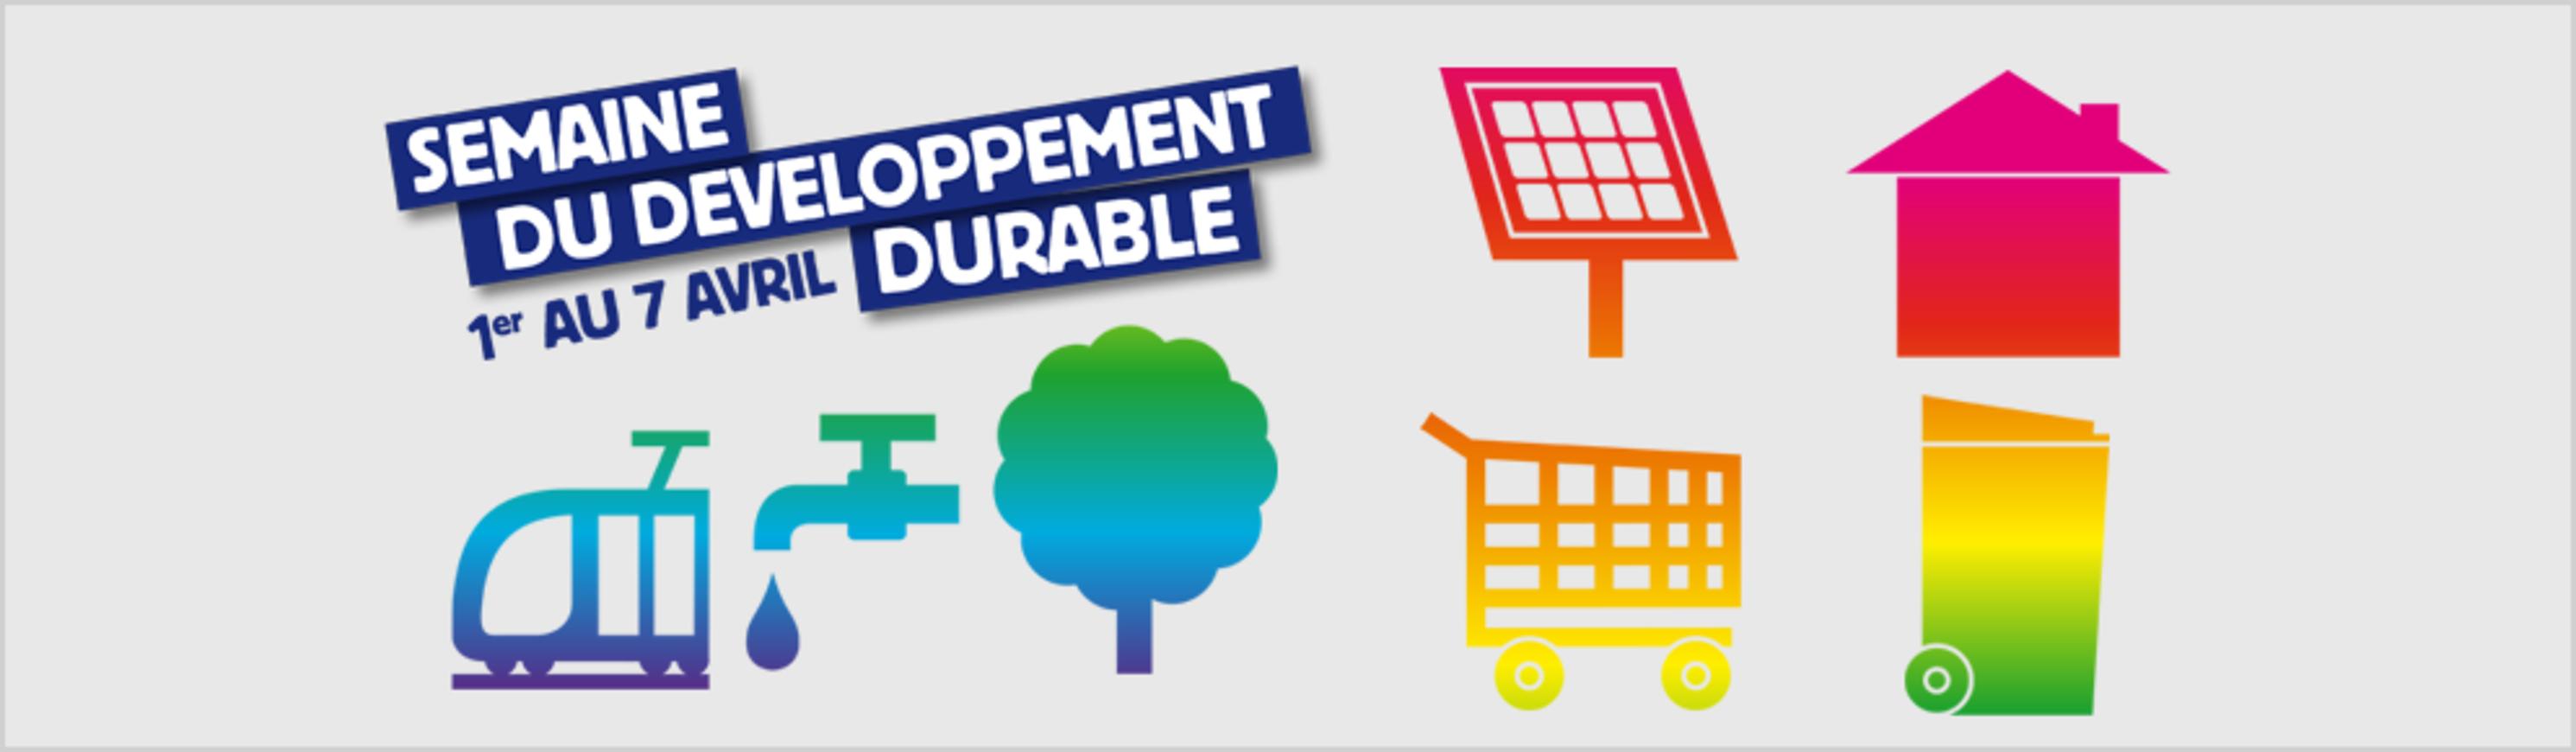 Programme de la semaine du développement durable 0